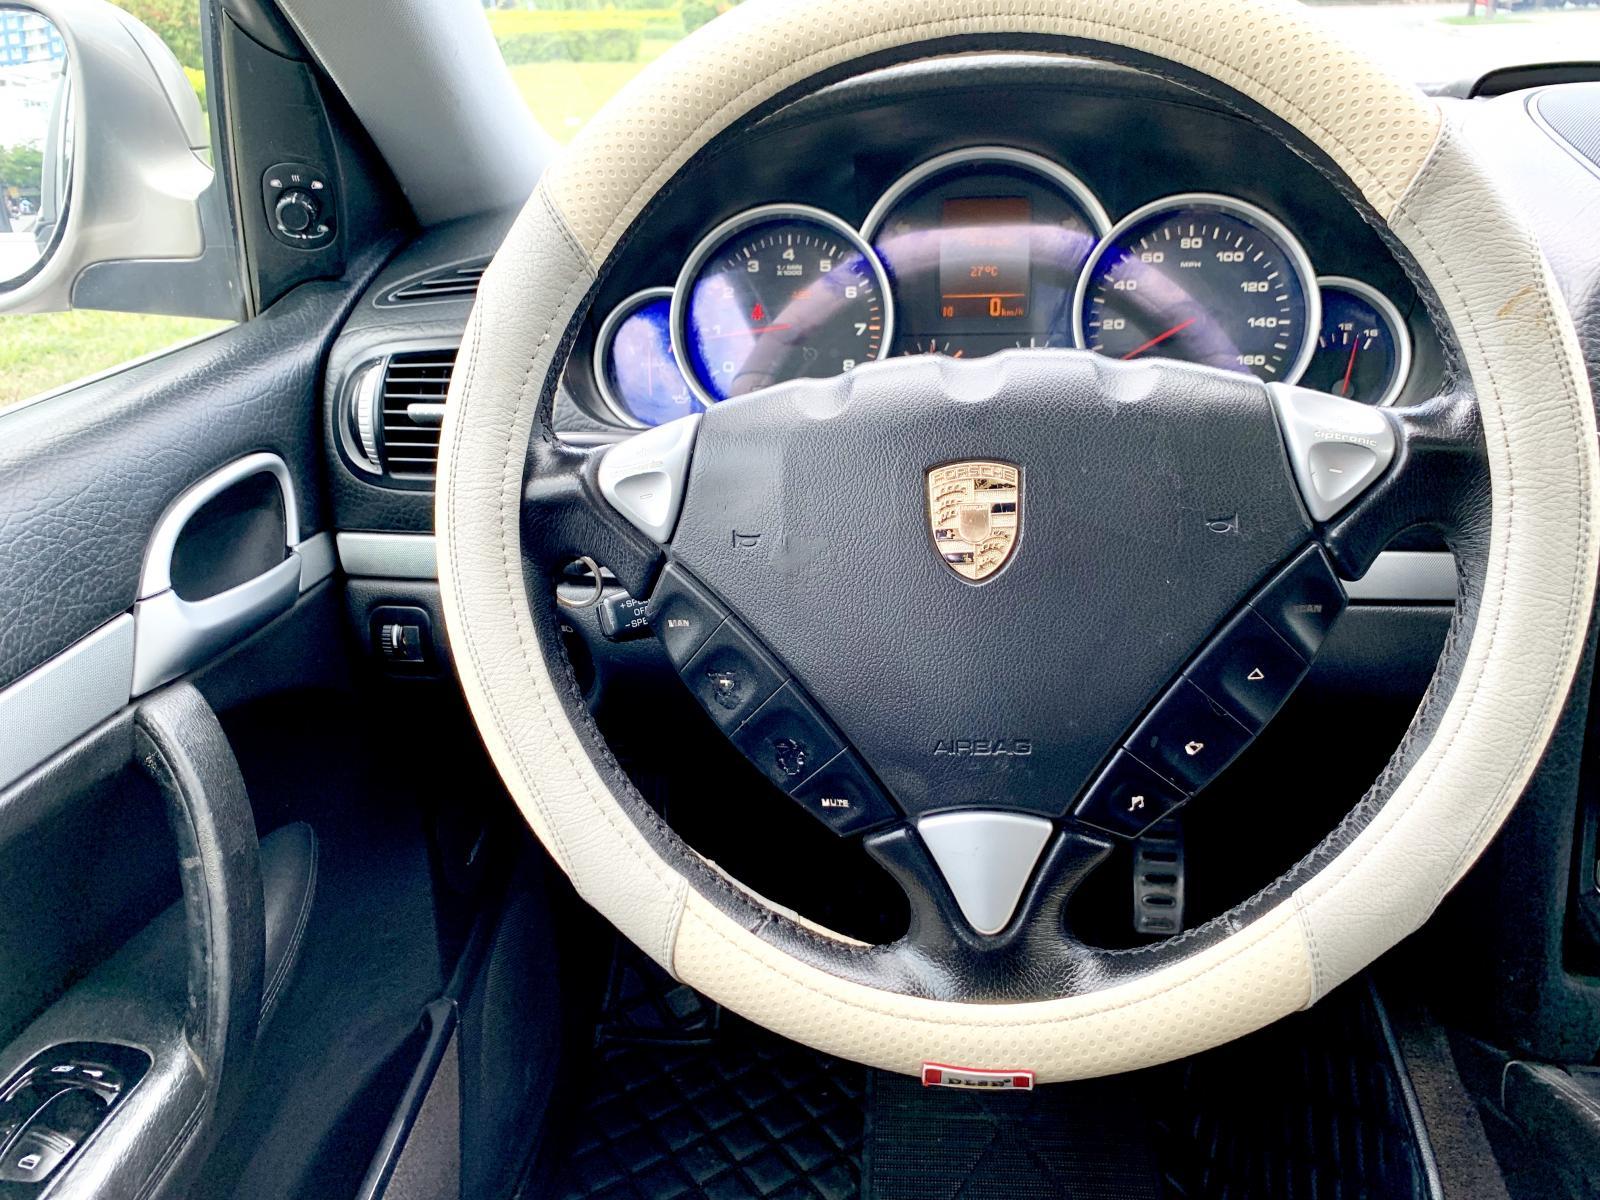 Bán Porsche Cayenne nhập mới 2007, hàng hiếm, có bánh sơ cua treo, full đồ chơi cao